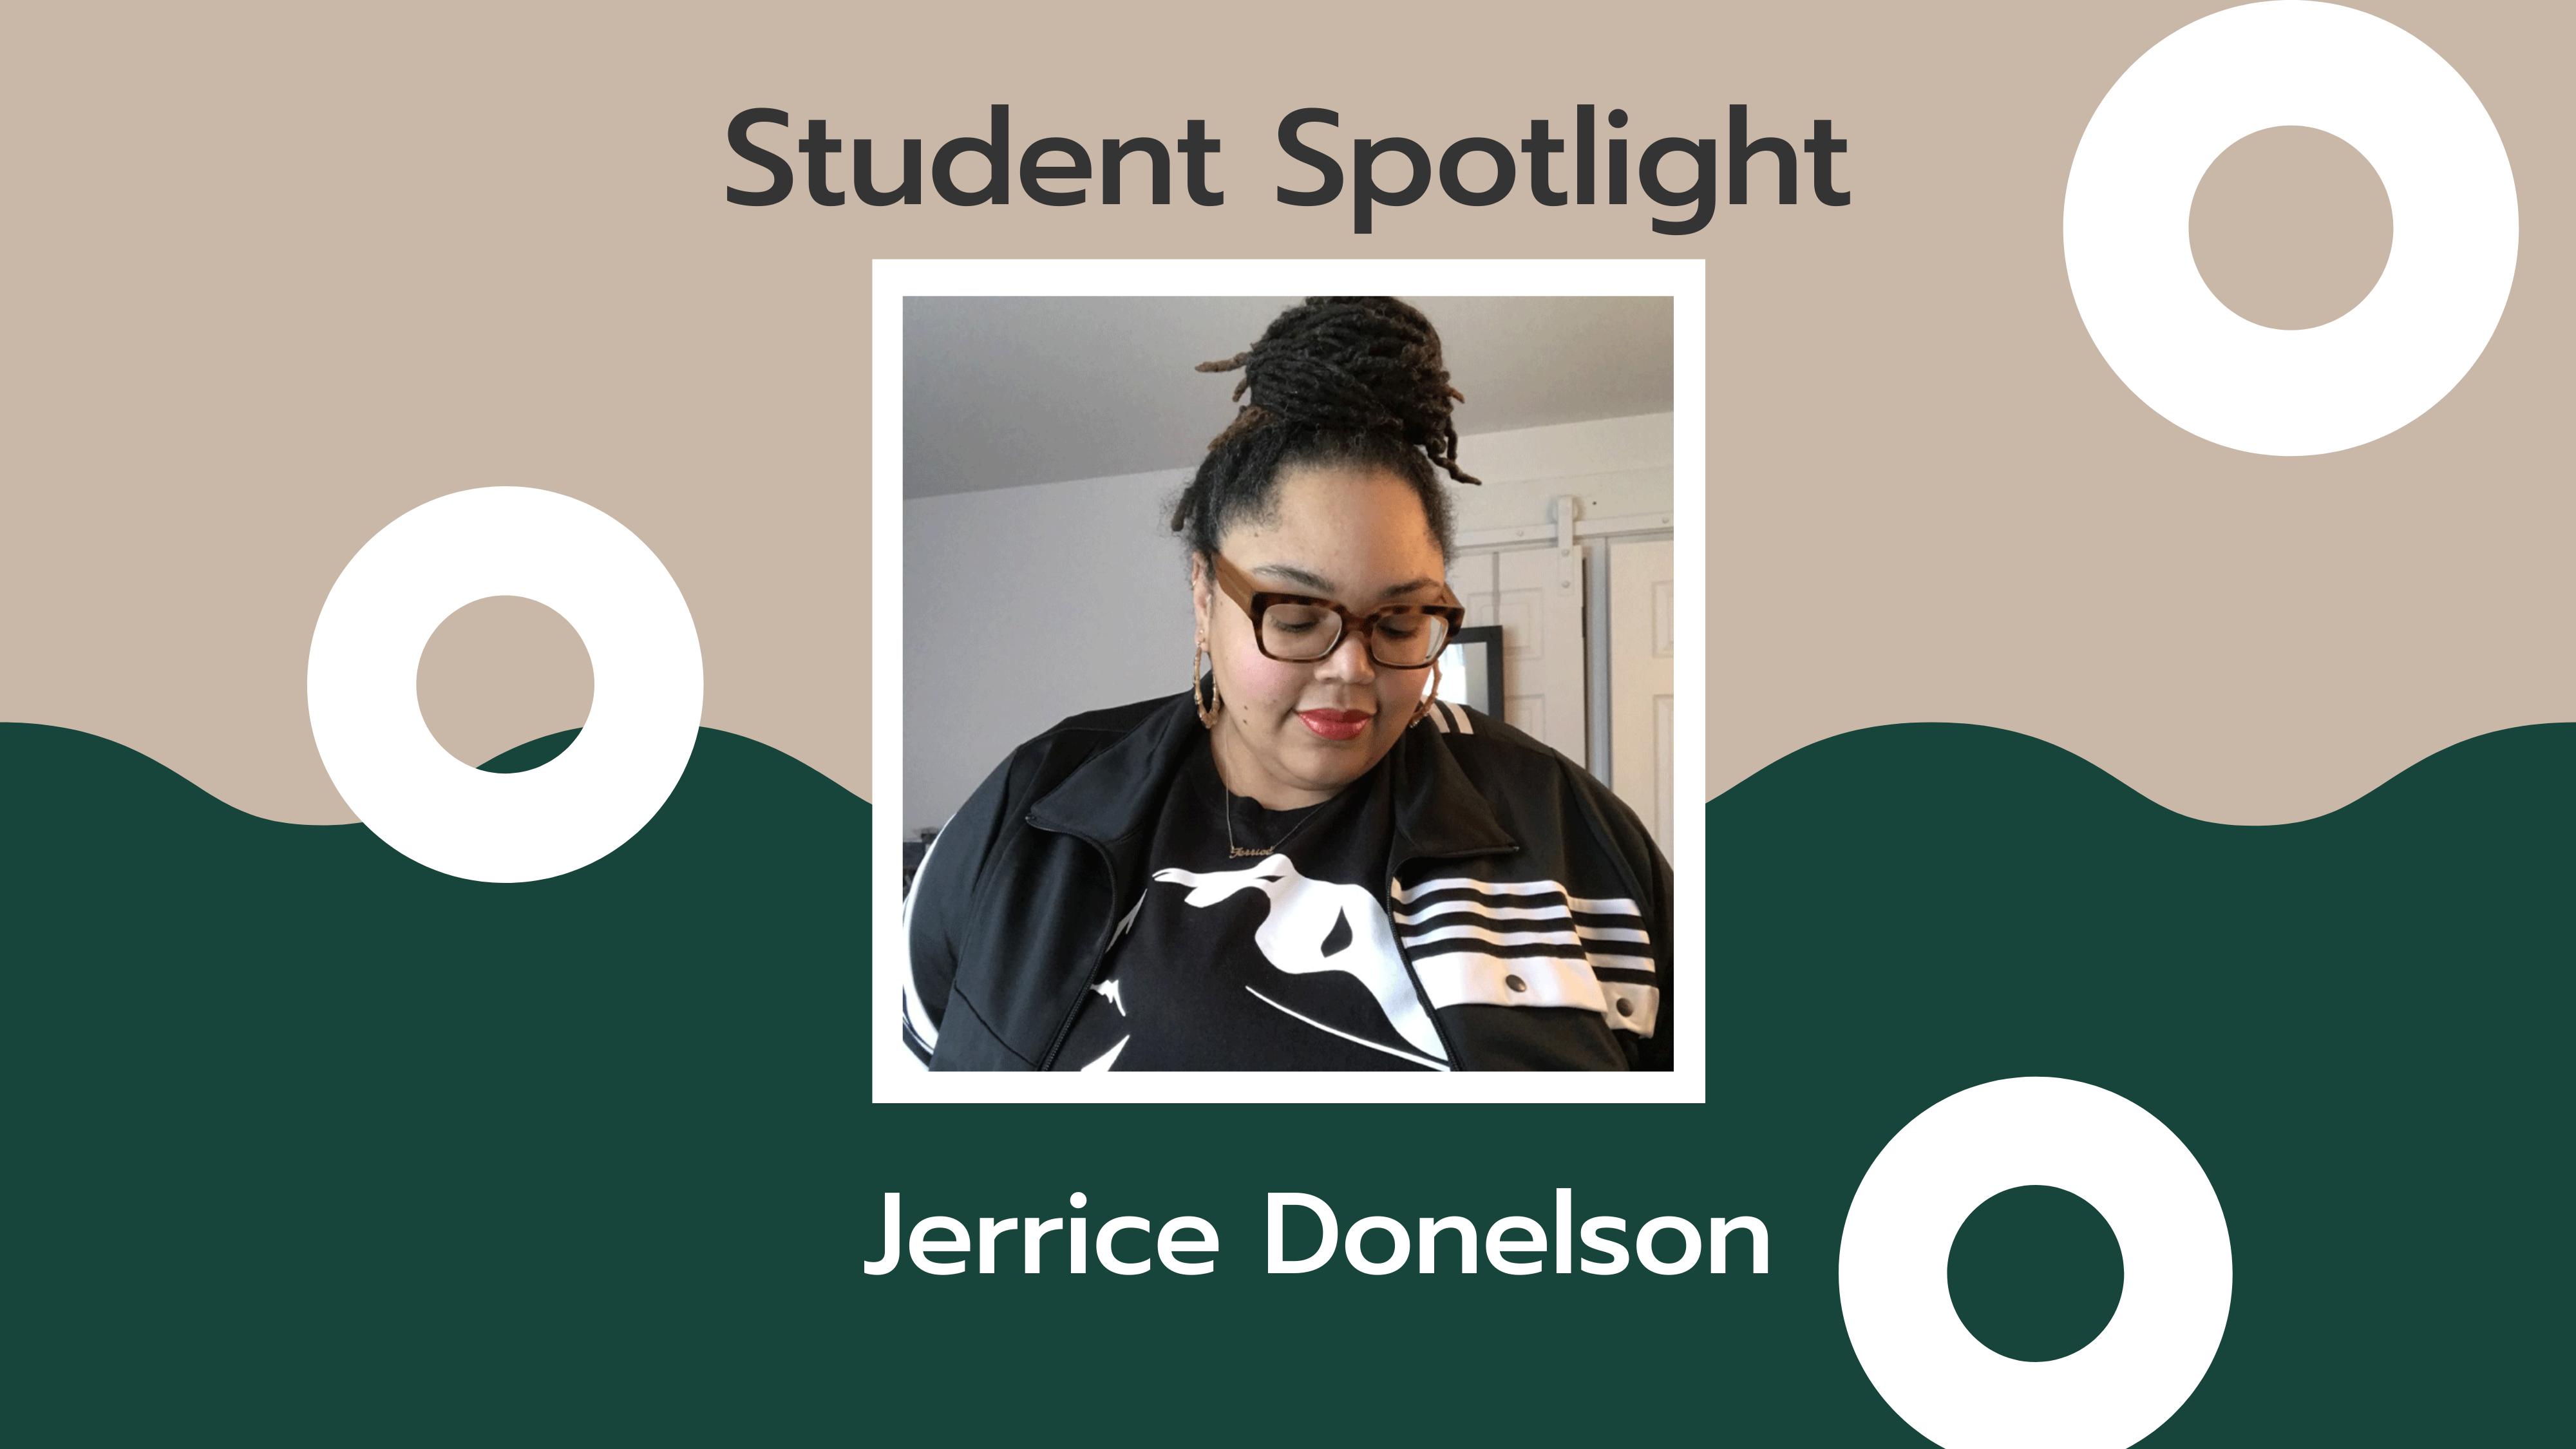 Student Spotlight: Jerrice Donelson